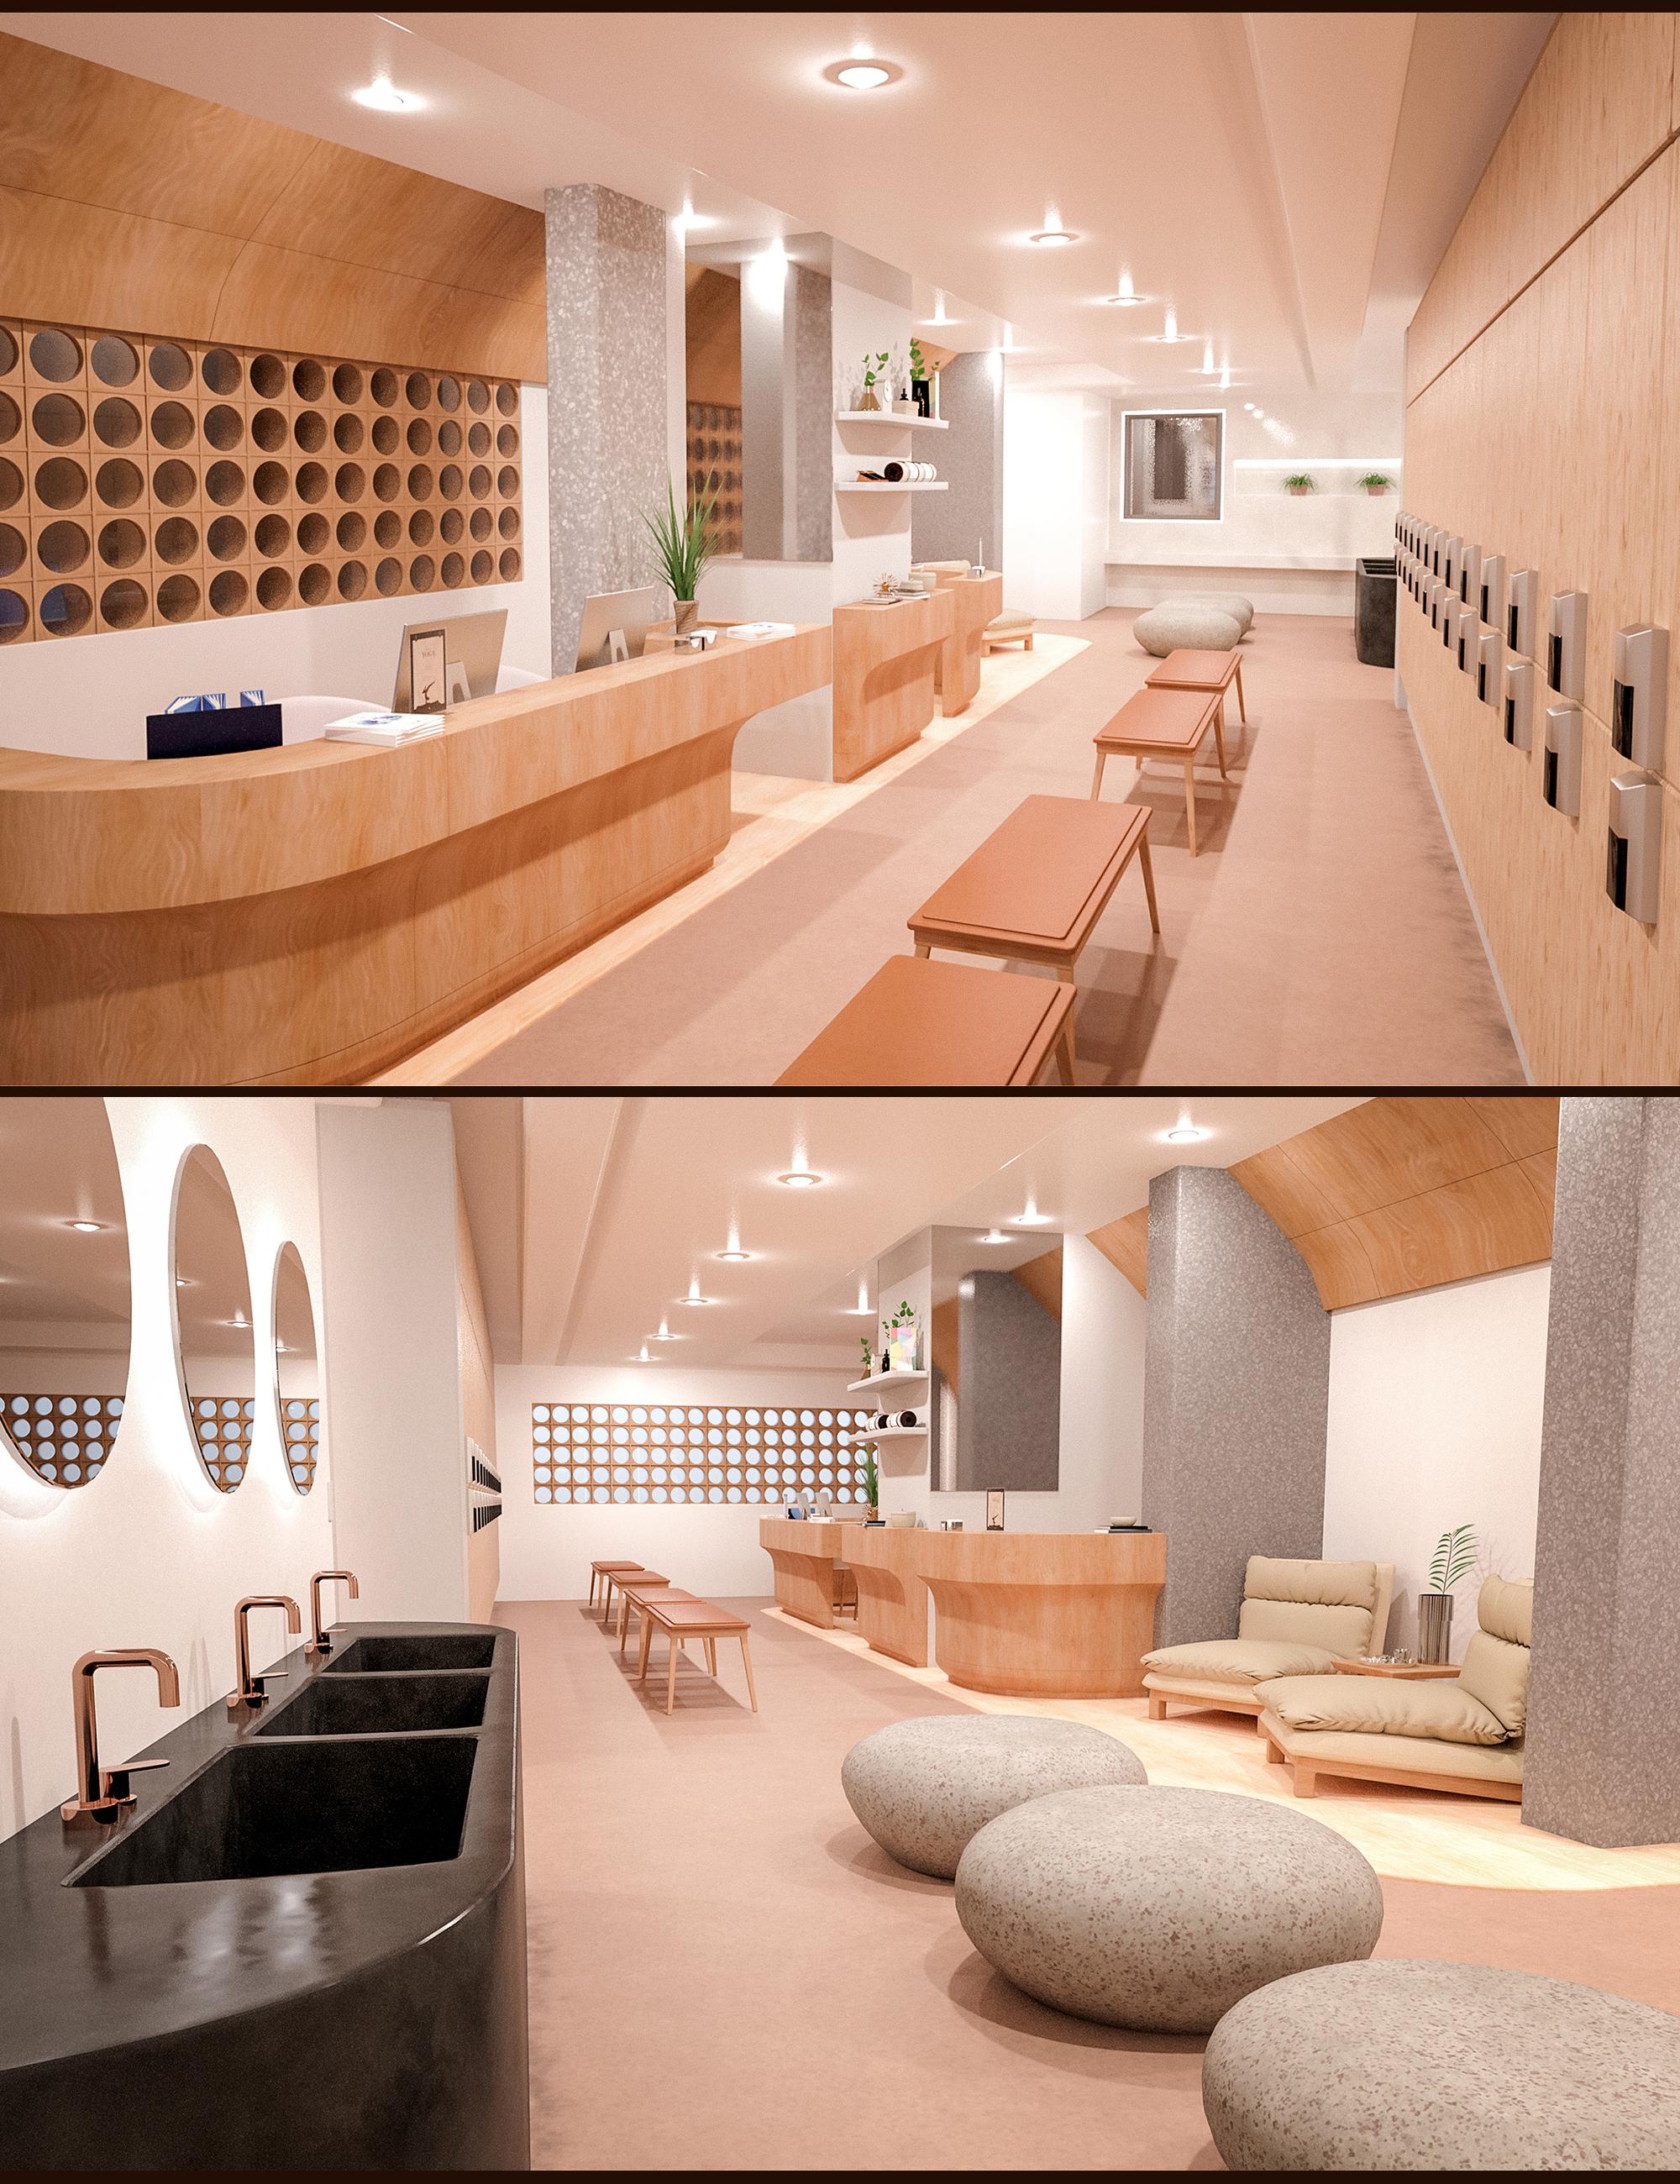 Yoga Club Reception by: Polish, 3D Models by Daz 3D